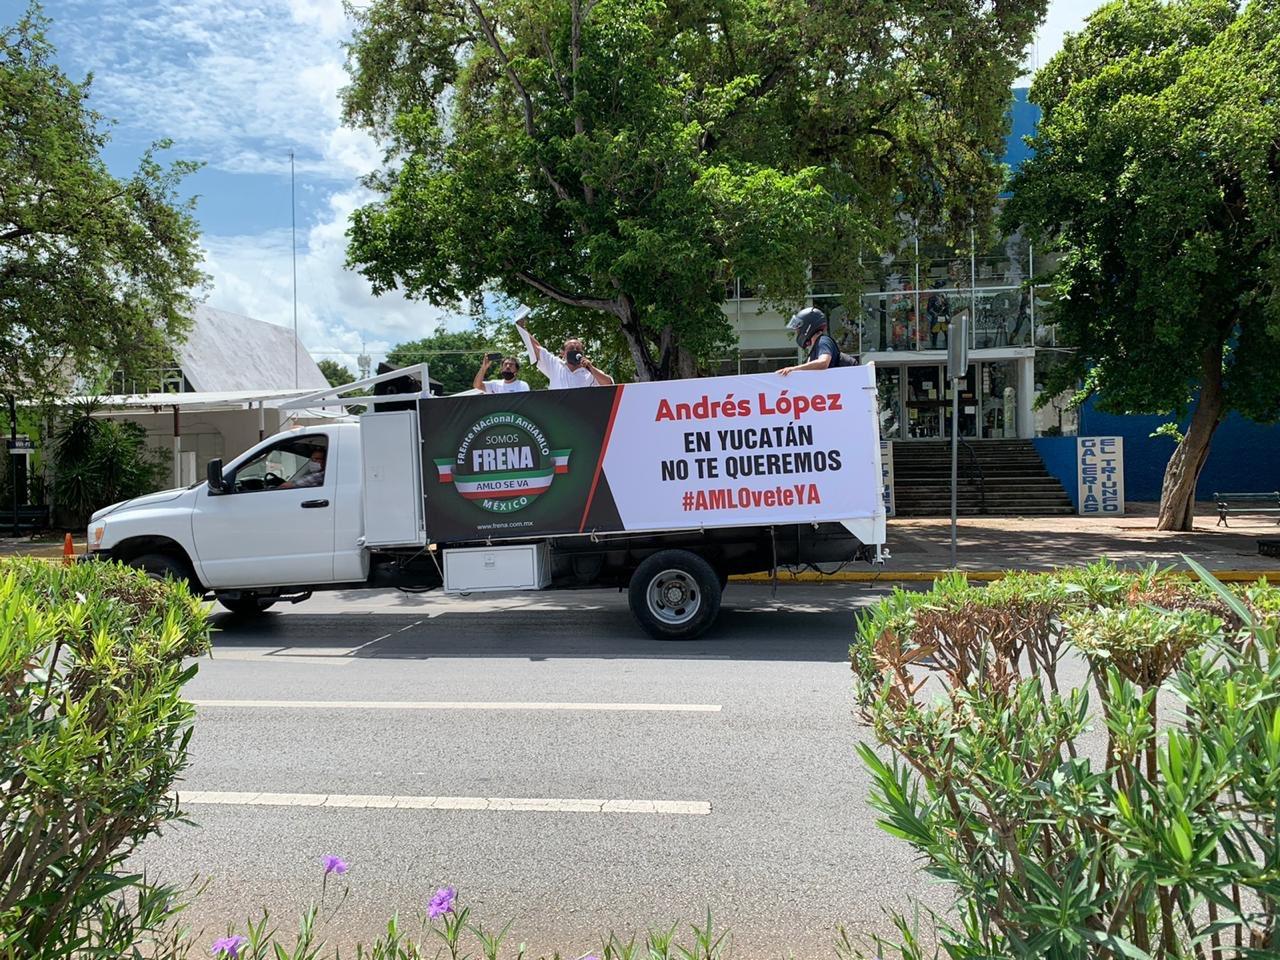 """Grupos """"antiAMLO"""" se manifiestan desde sus coches"""